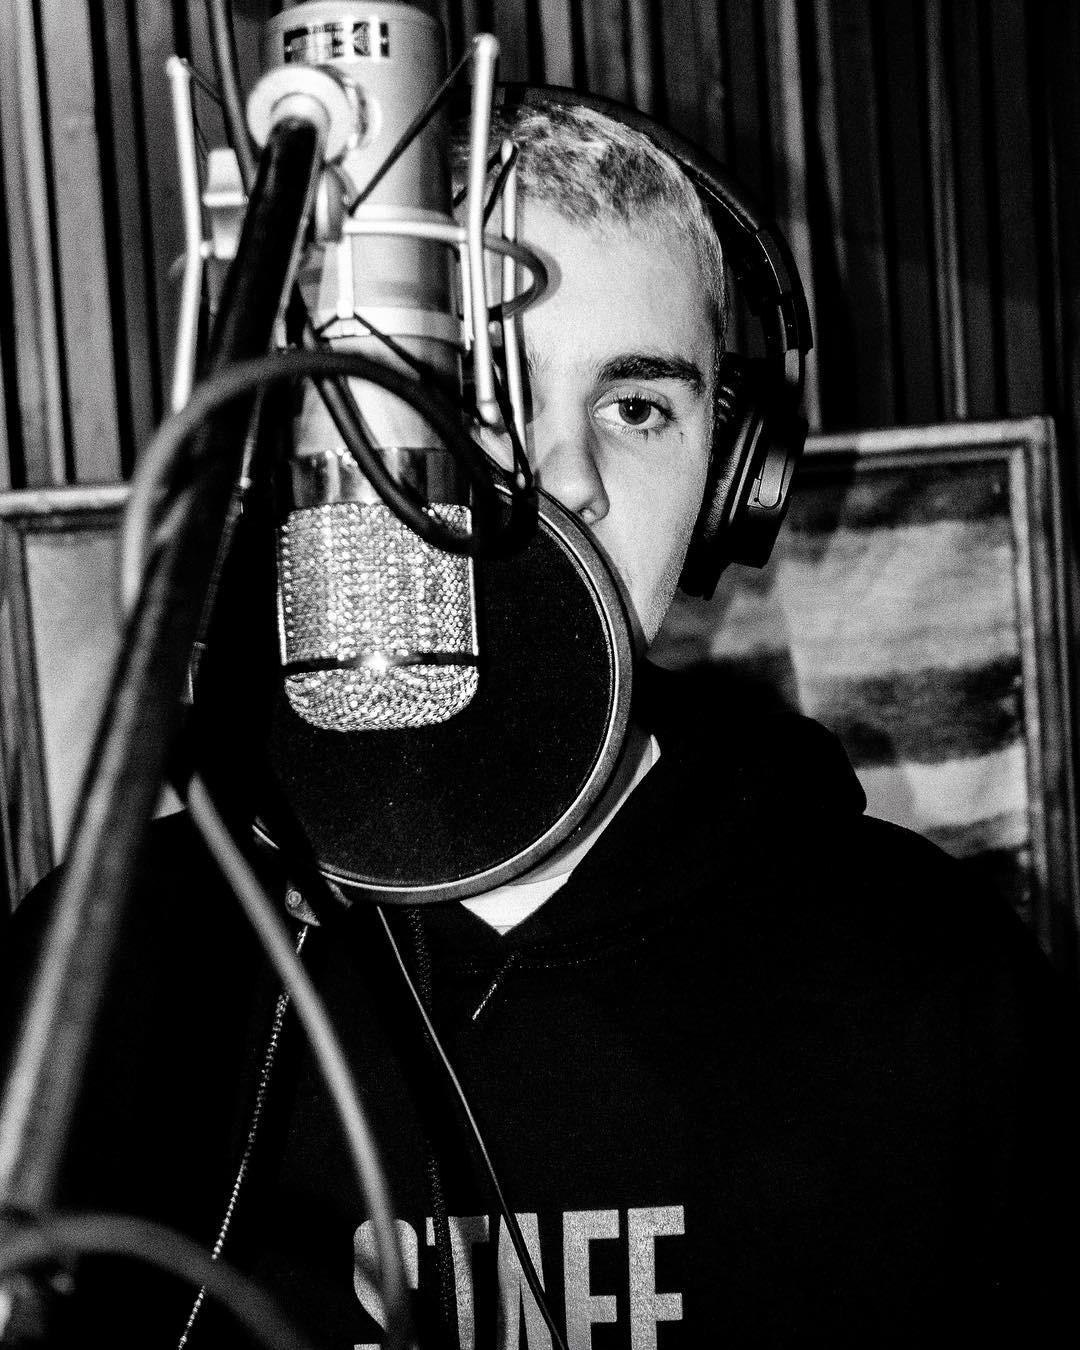 Justin Bieber bất ngờ trở lại với một ca khúc nghe 1 lần ghiền luôn! - Ảnh 3.